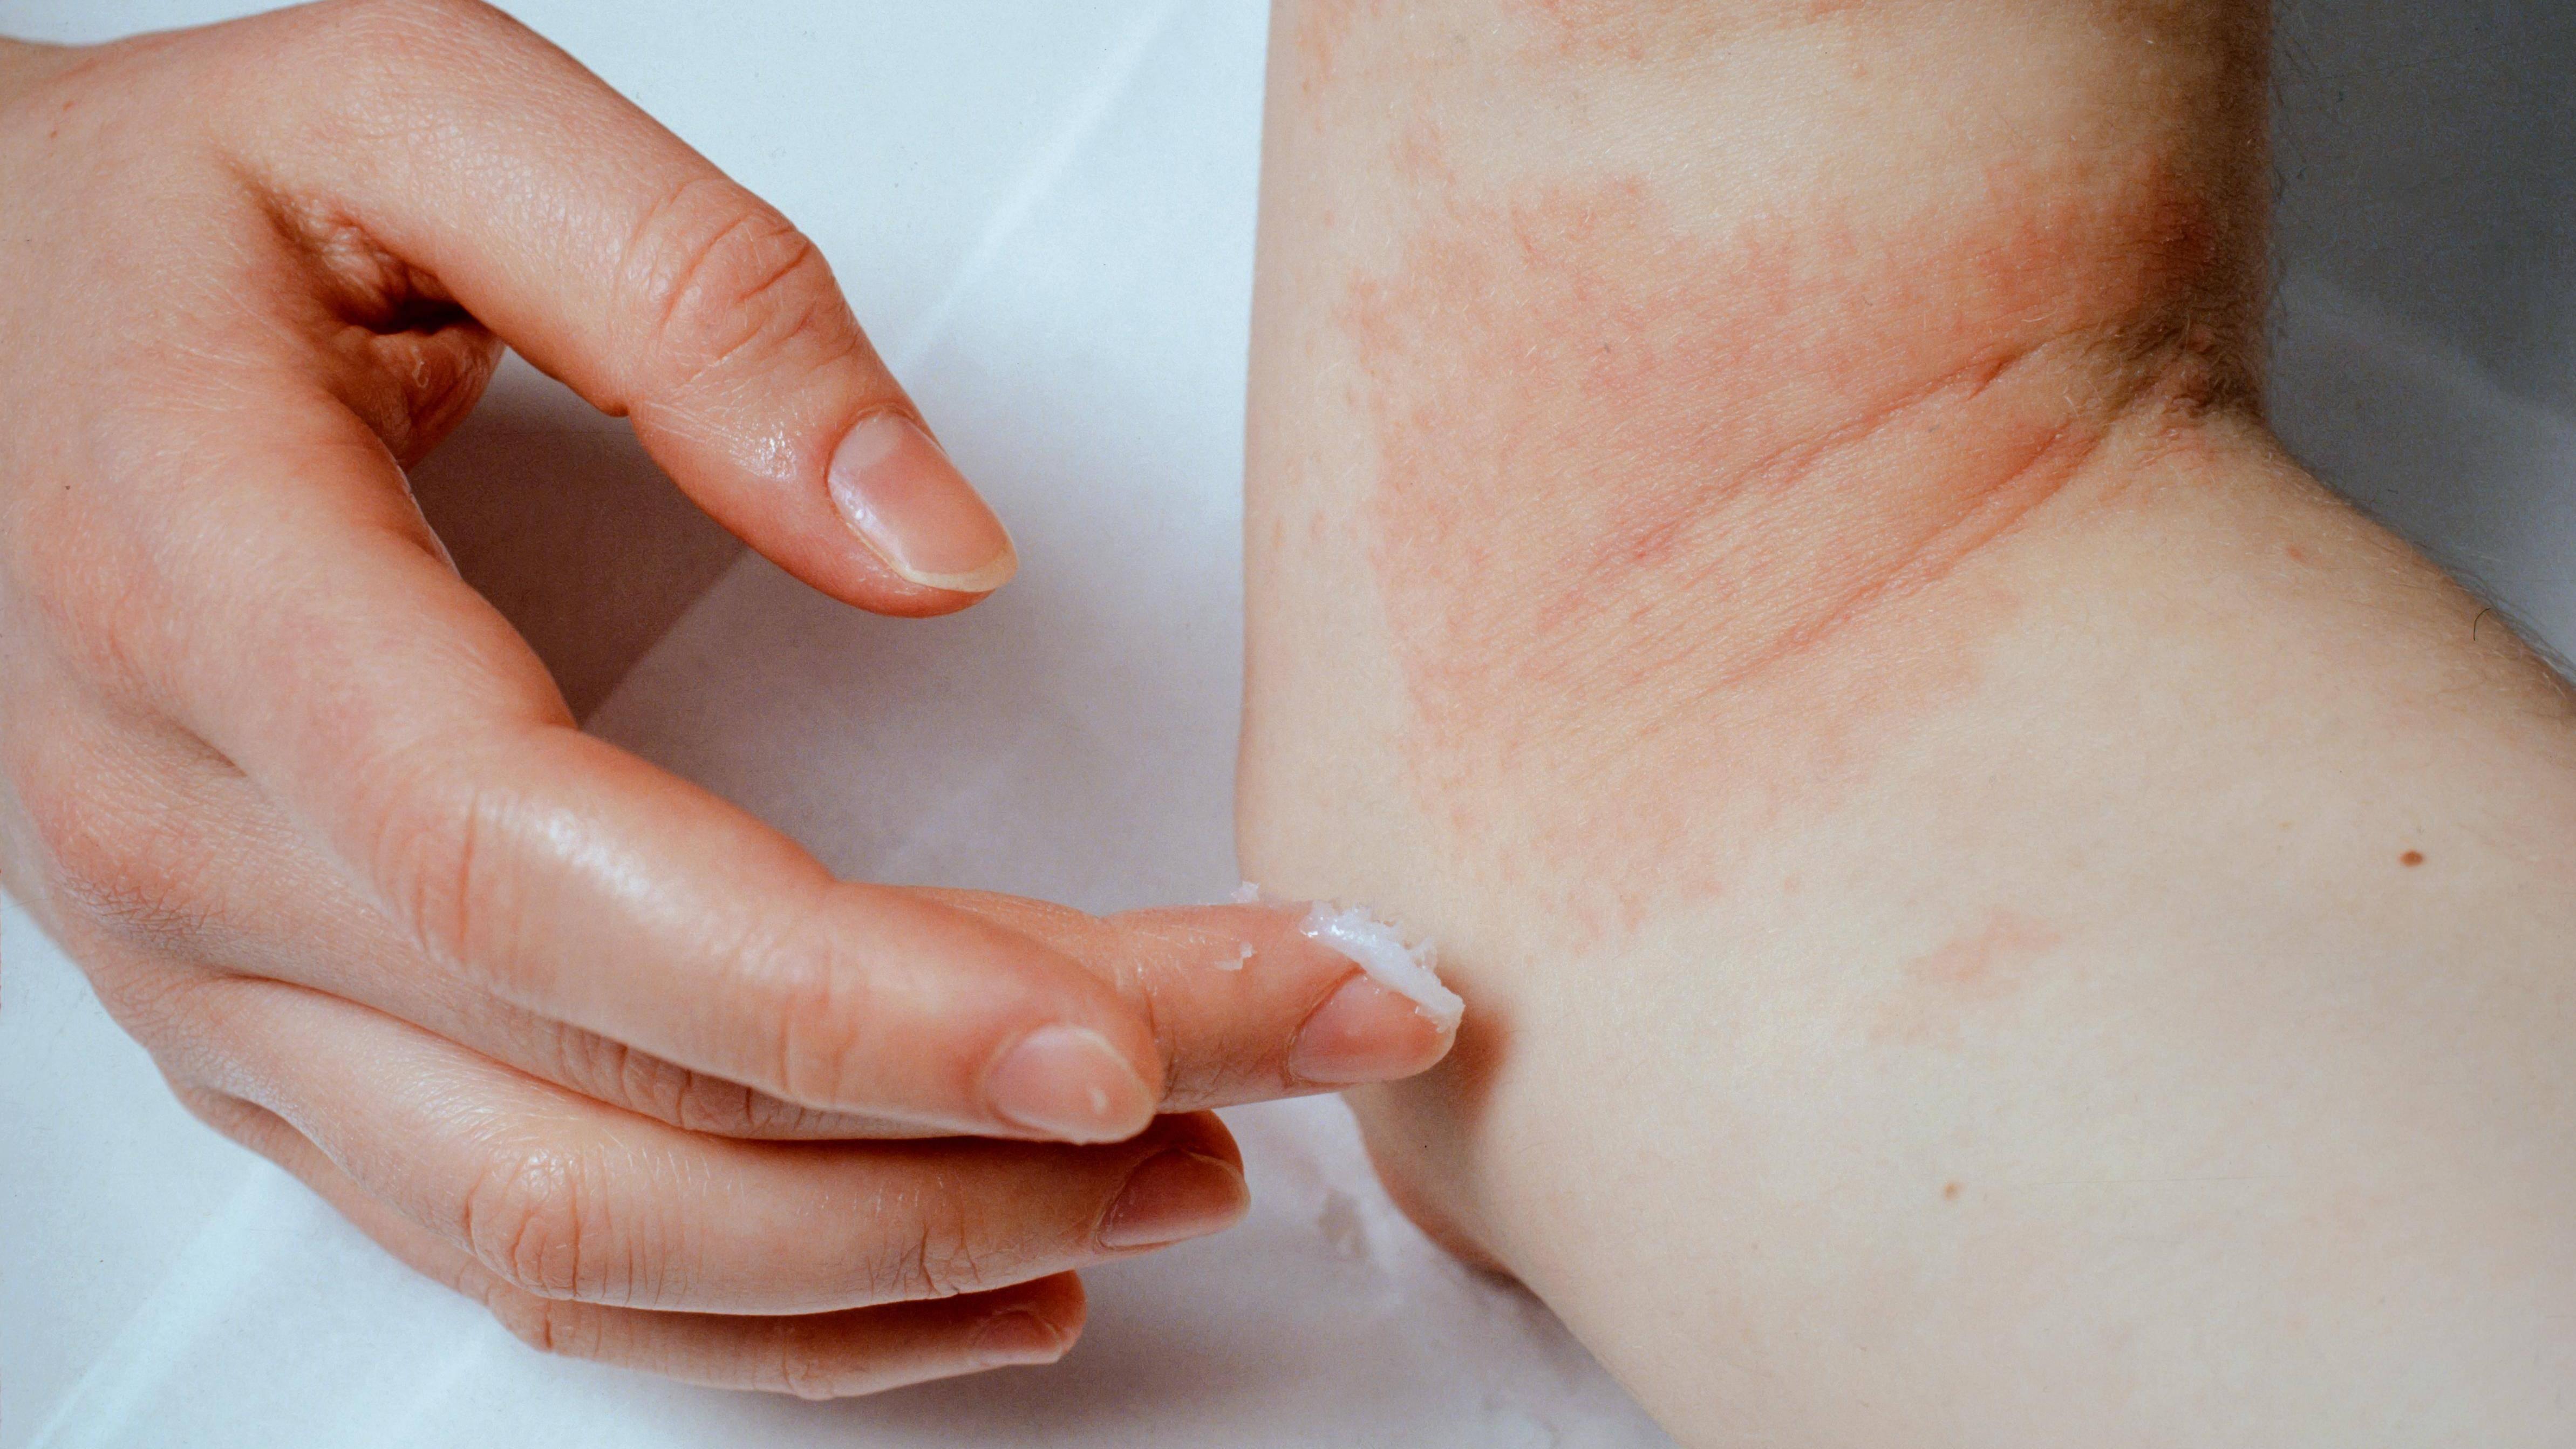 Bläschen auf der Haut: Ursachen & Was Sie dagegen tun können